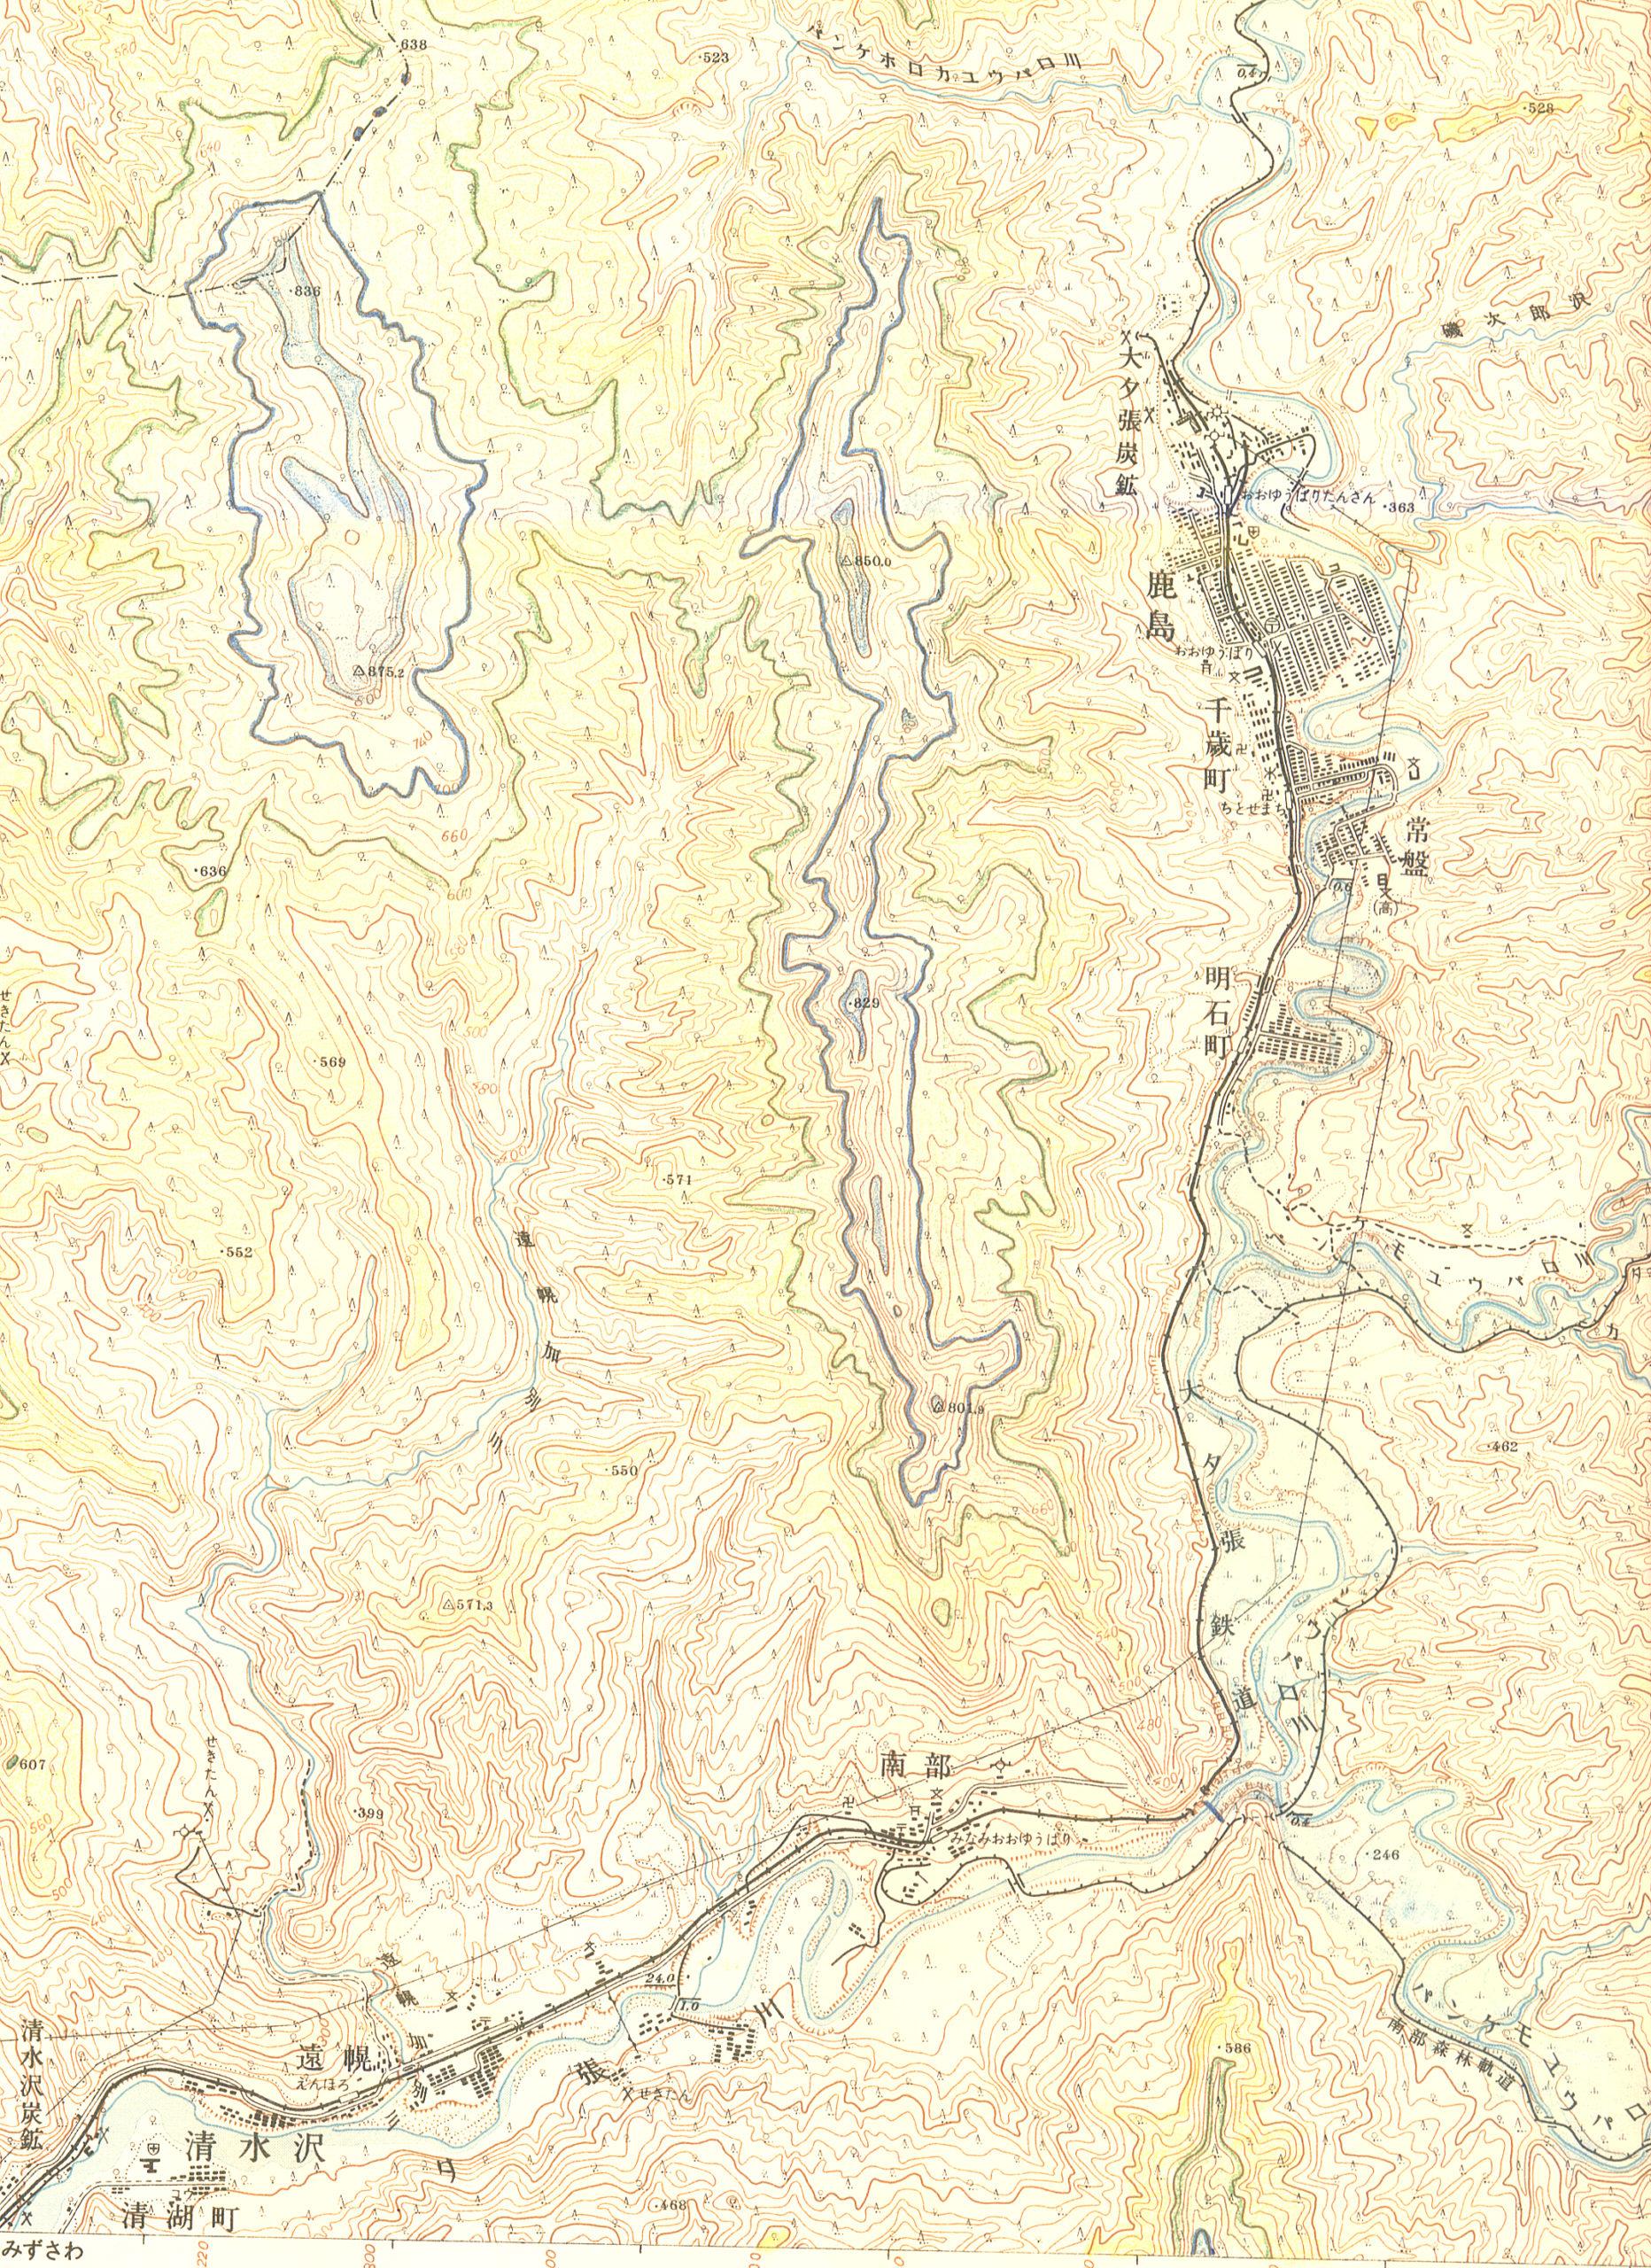 地図に引かれた一本の線 昭和37年「石狩鹿島」